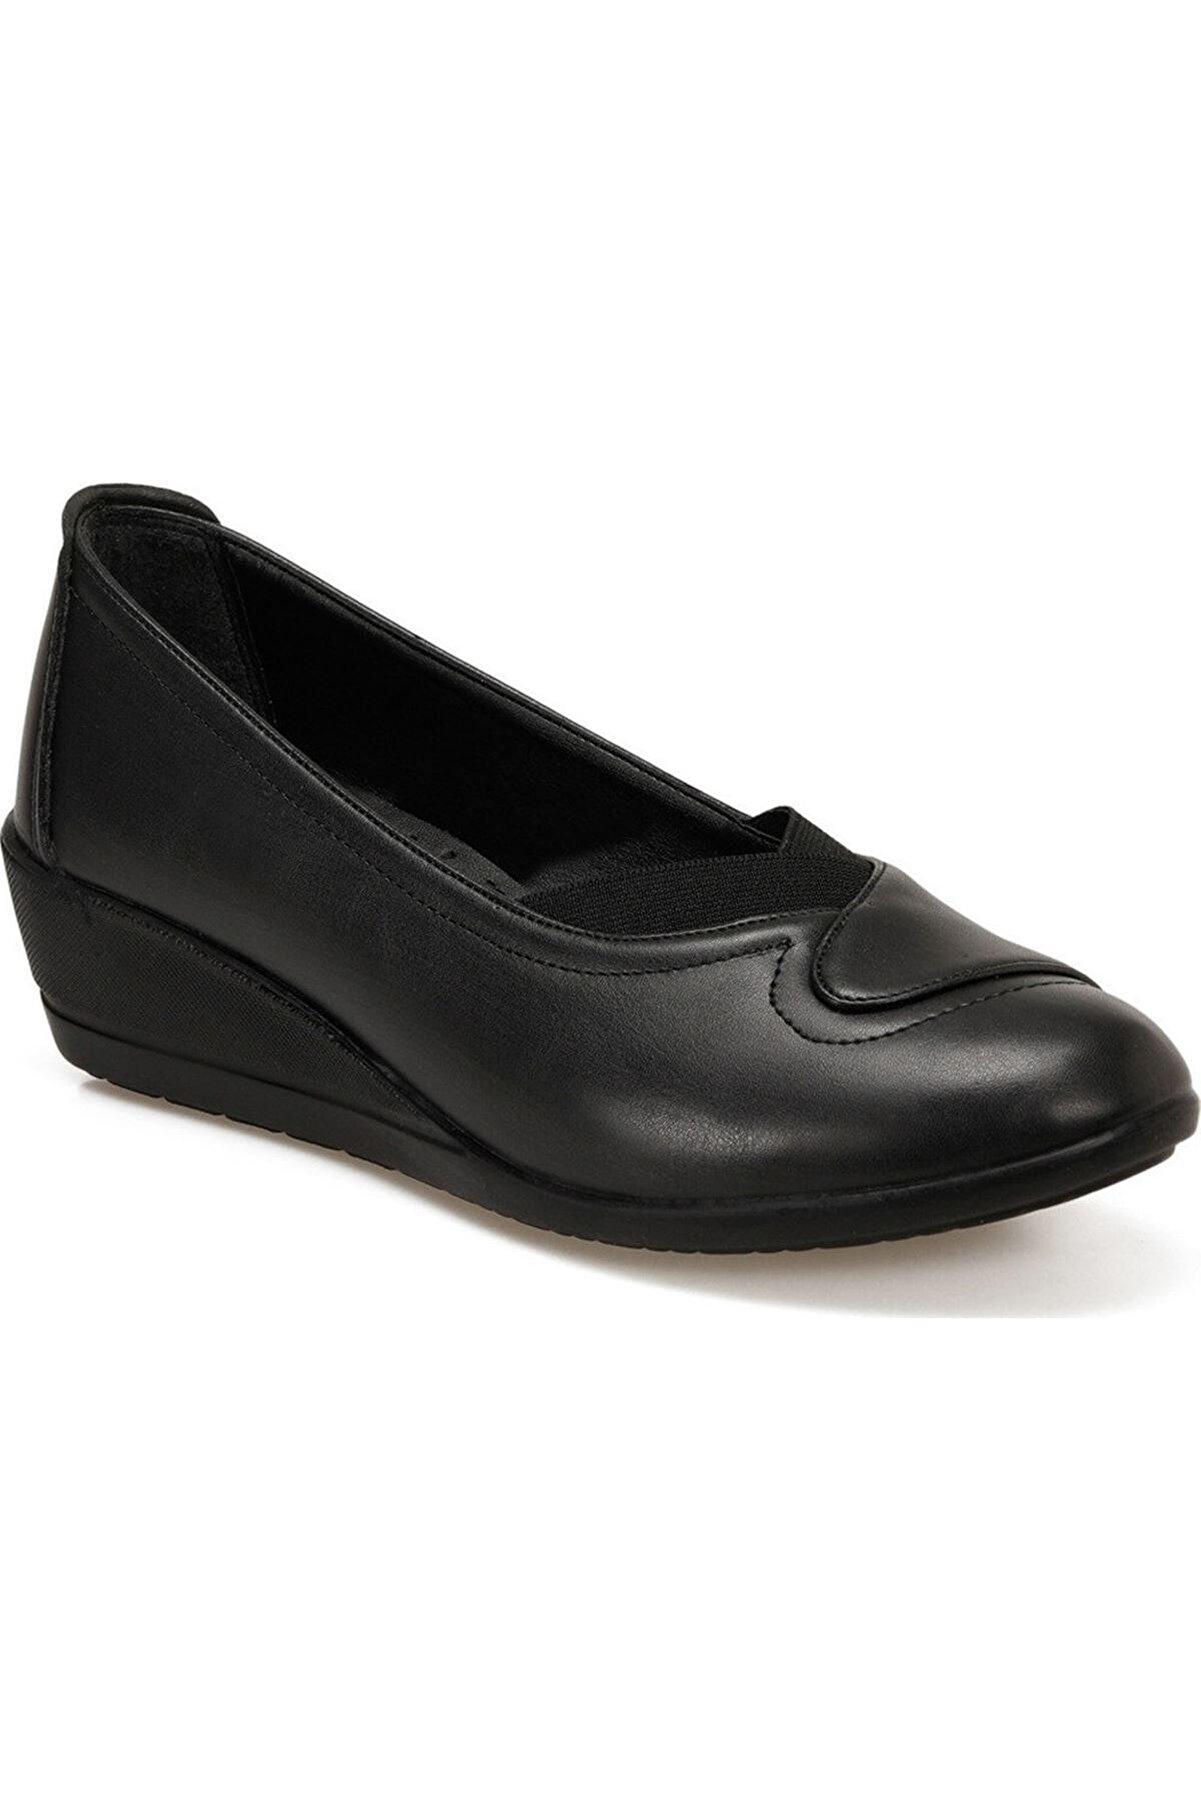 Polaris 92.151026.Z Siyah Kadın Comfort Ayakkabı 100573788